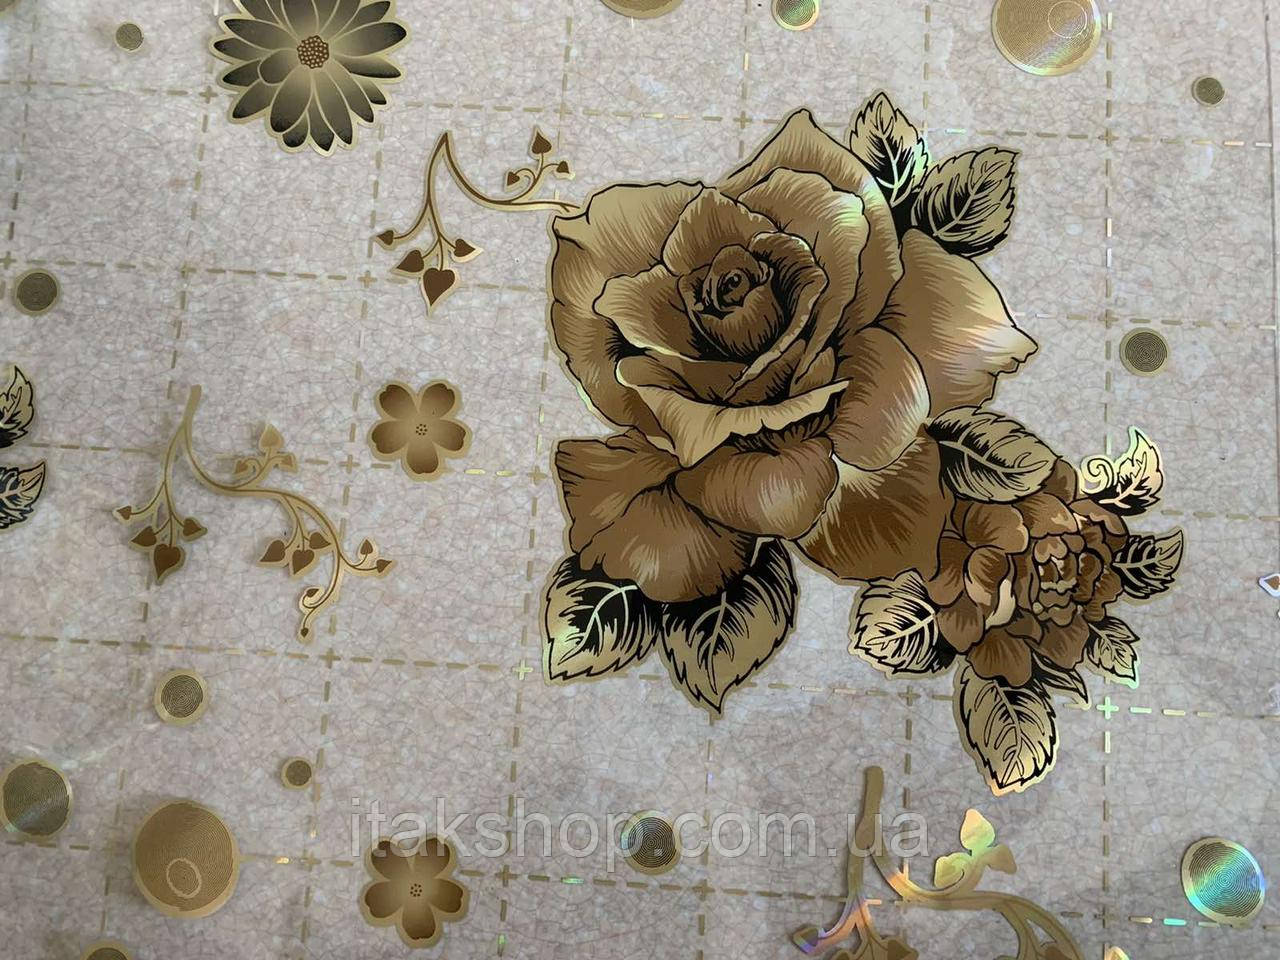 Мягкое стекло Скатерть с лазерным рисунком для мебели Soft Glass 1.4х0.8м толщина 1.5мм Кофейная роза